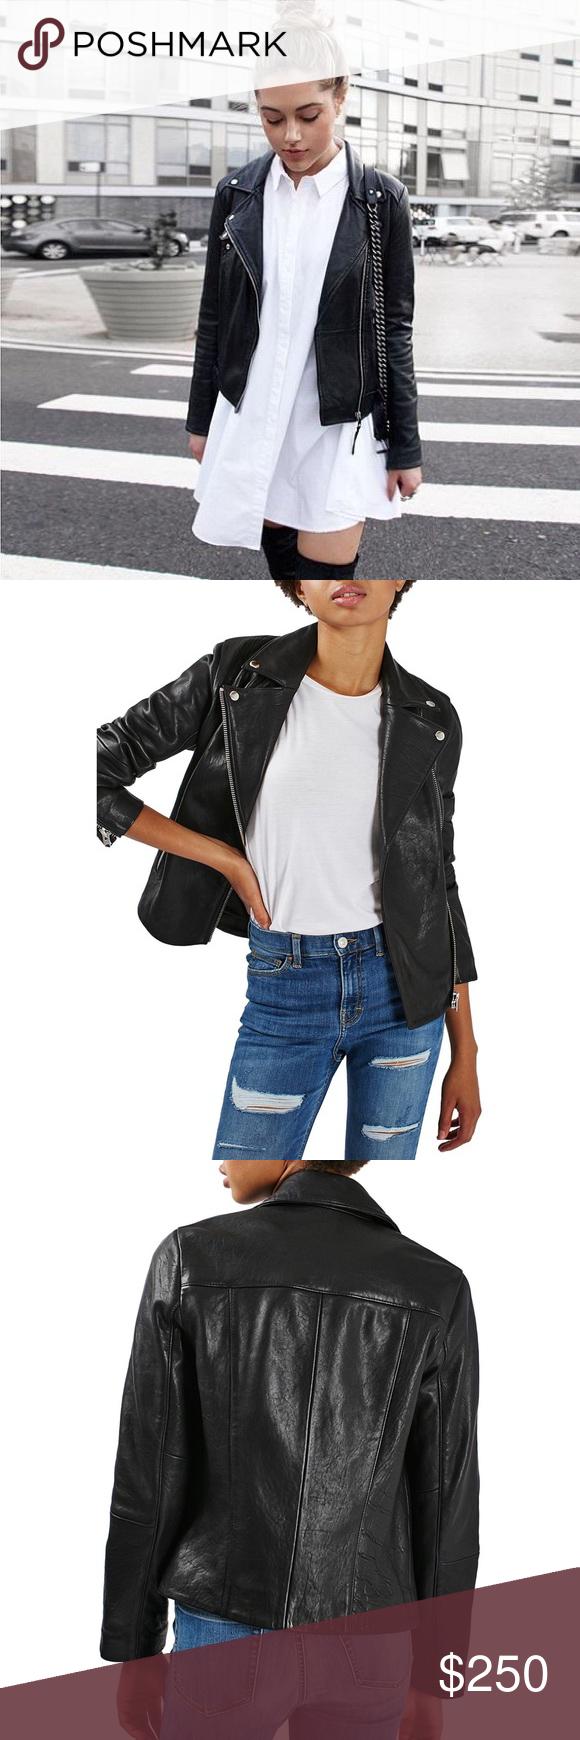 Leather Biker Jacket NWT Fashion, jacket